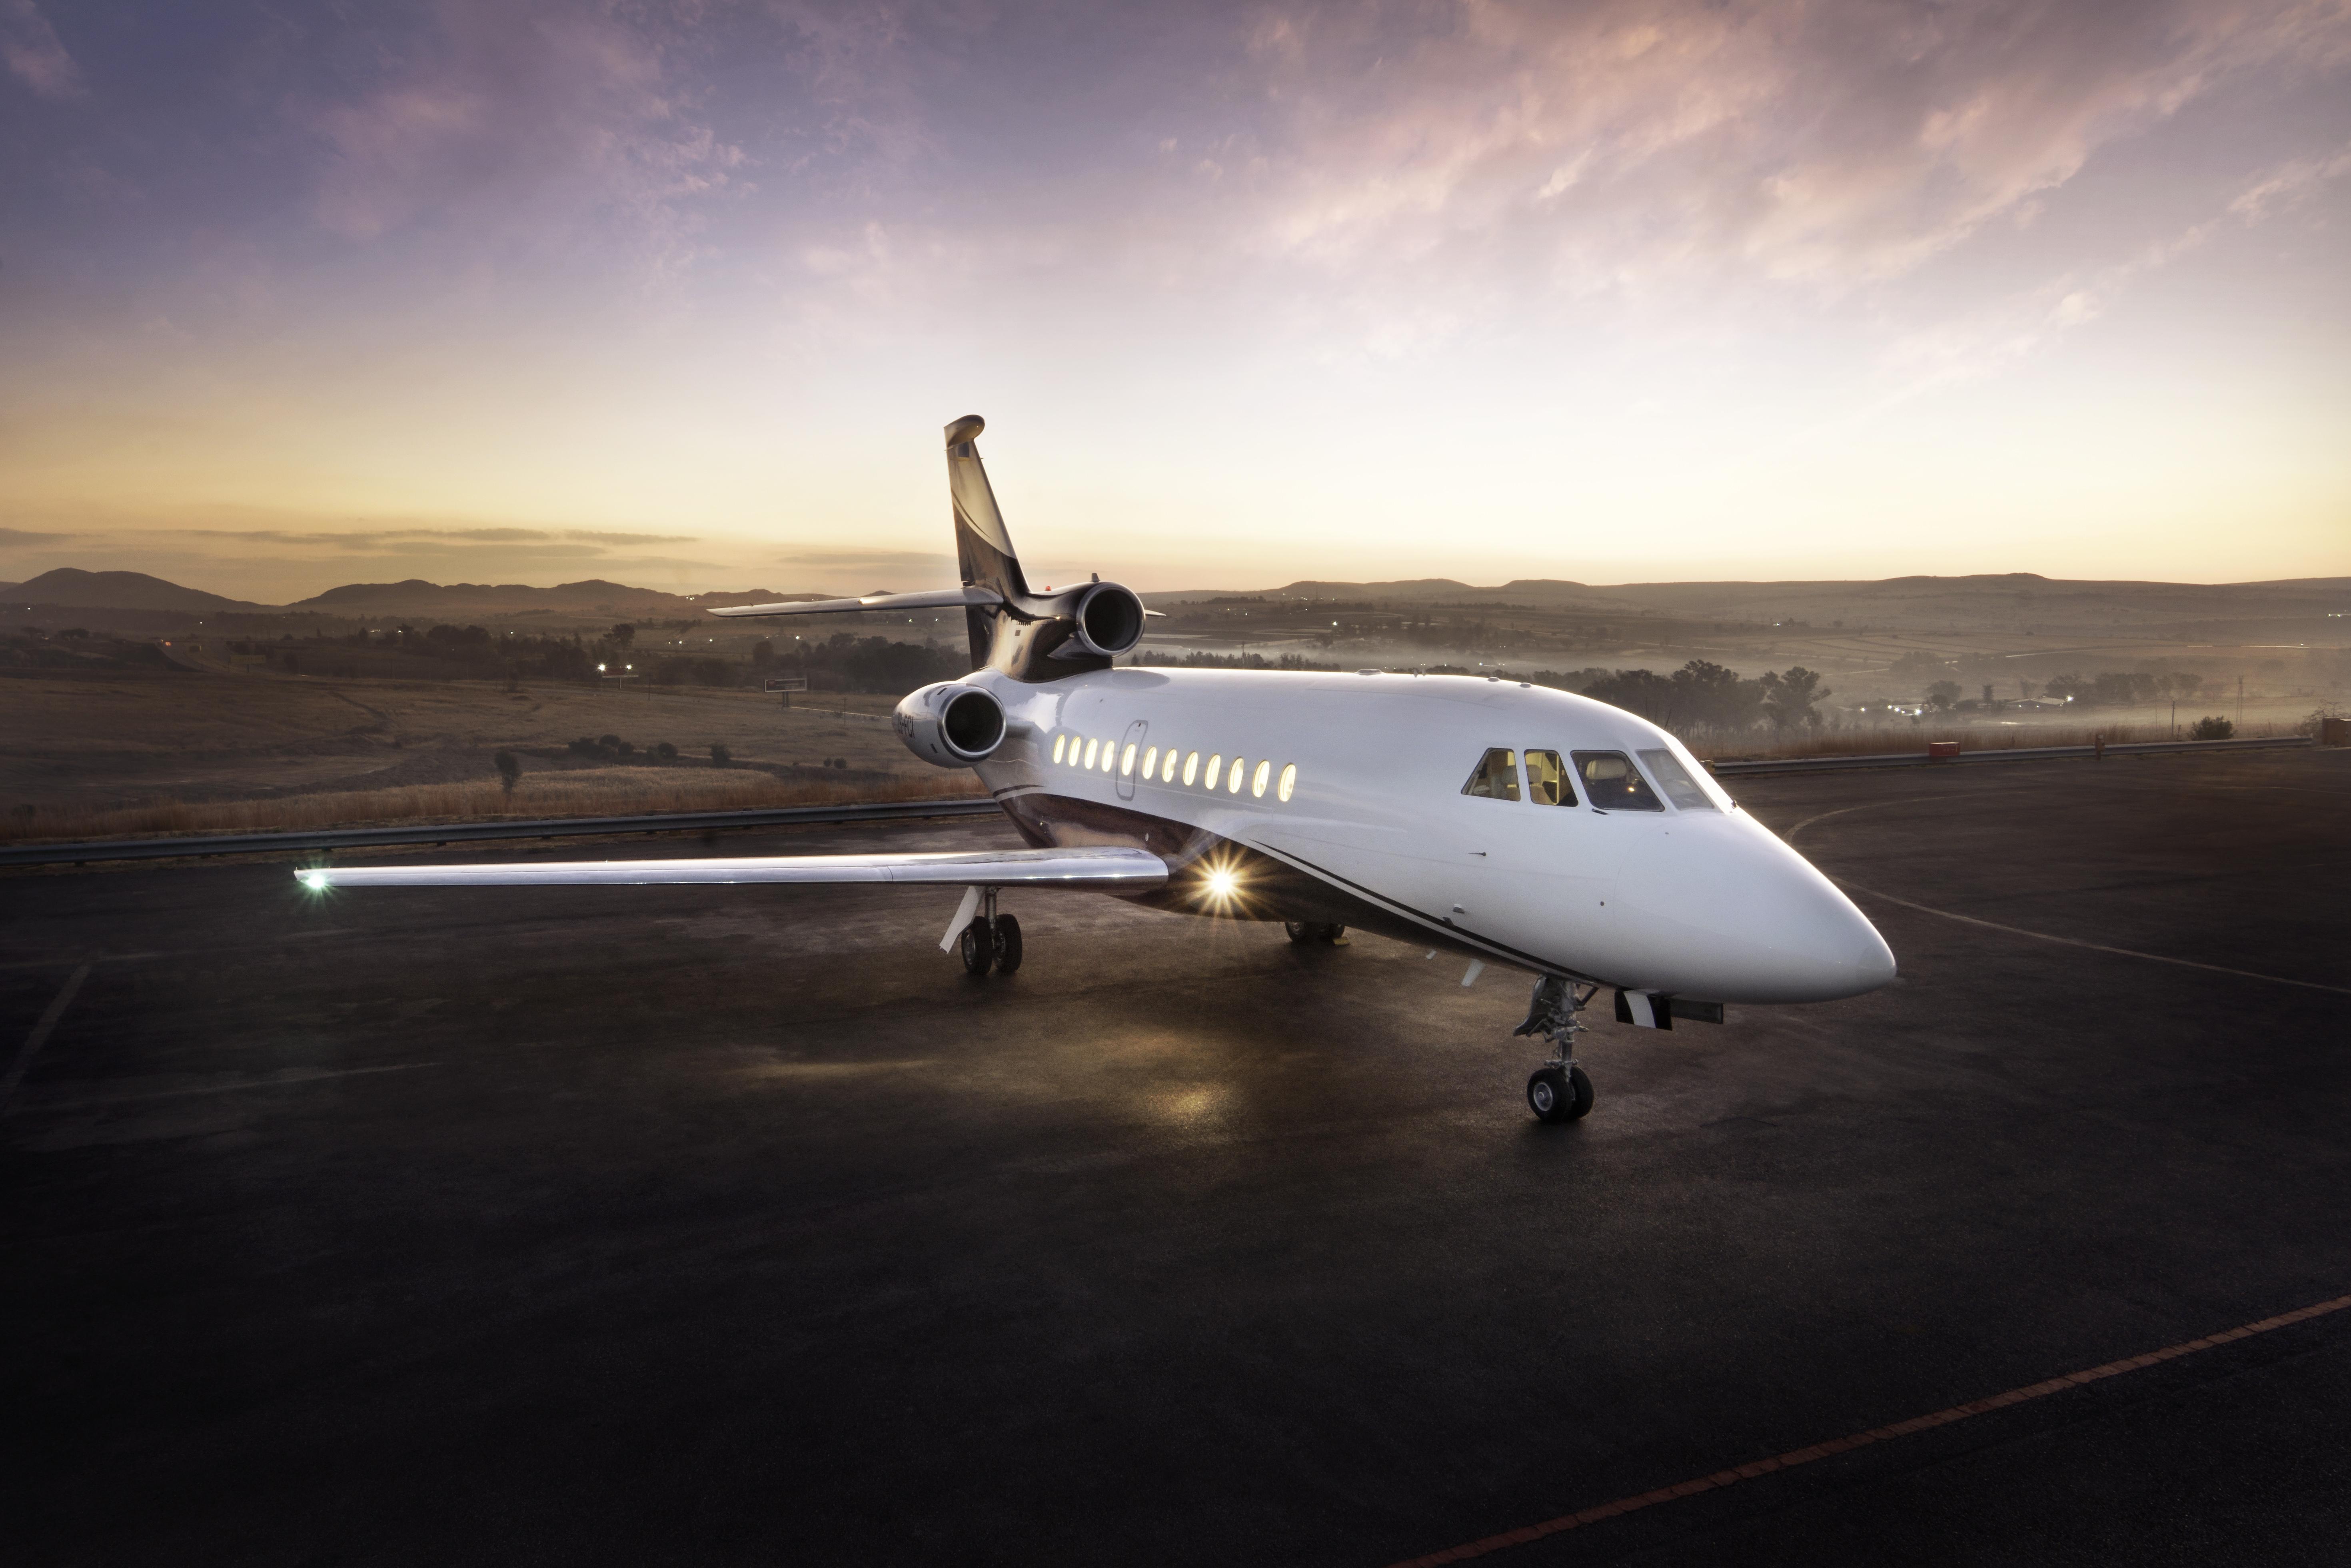 Falcon 900EX 008